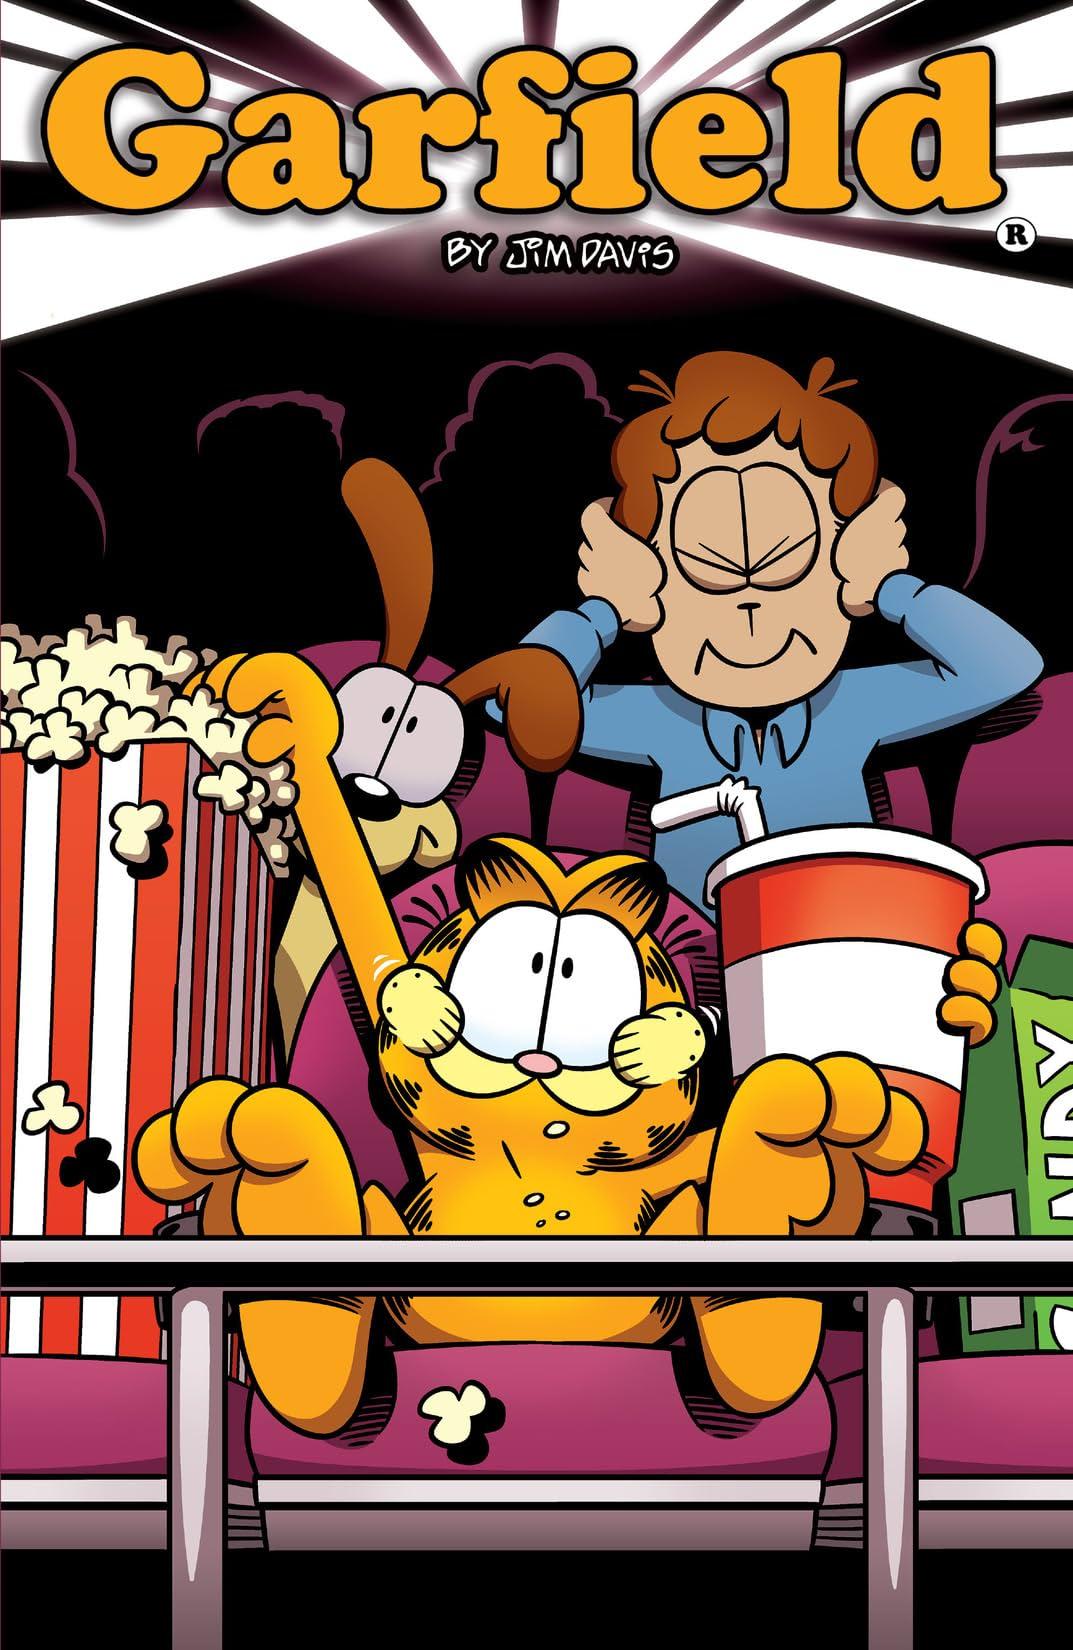 Garfield Vol 7 Comics By Comixology